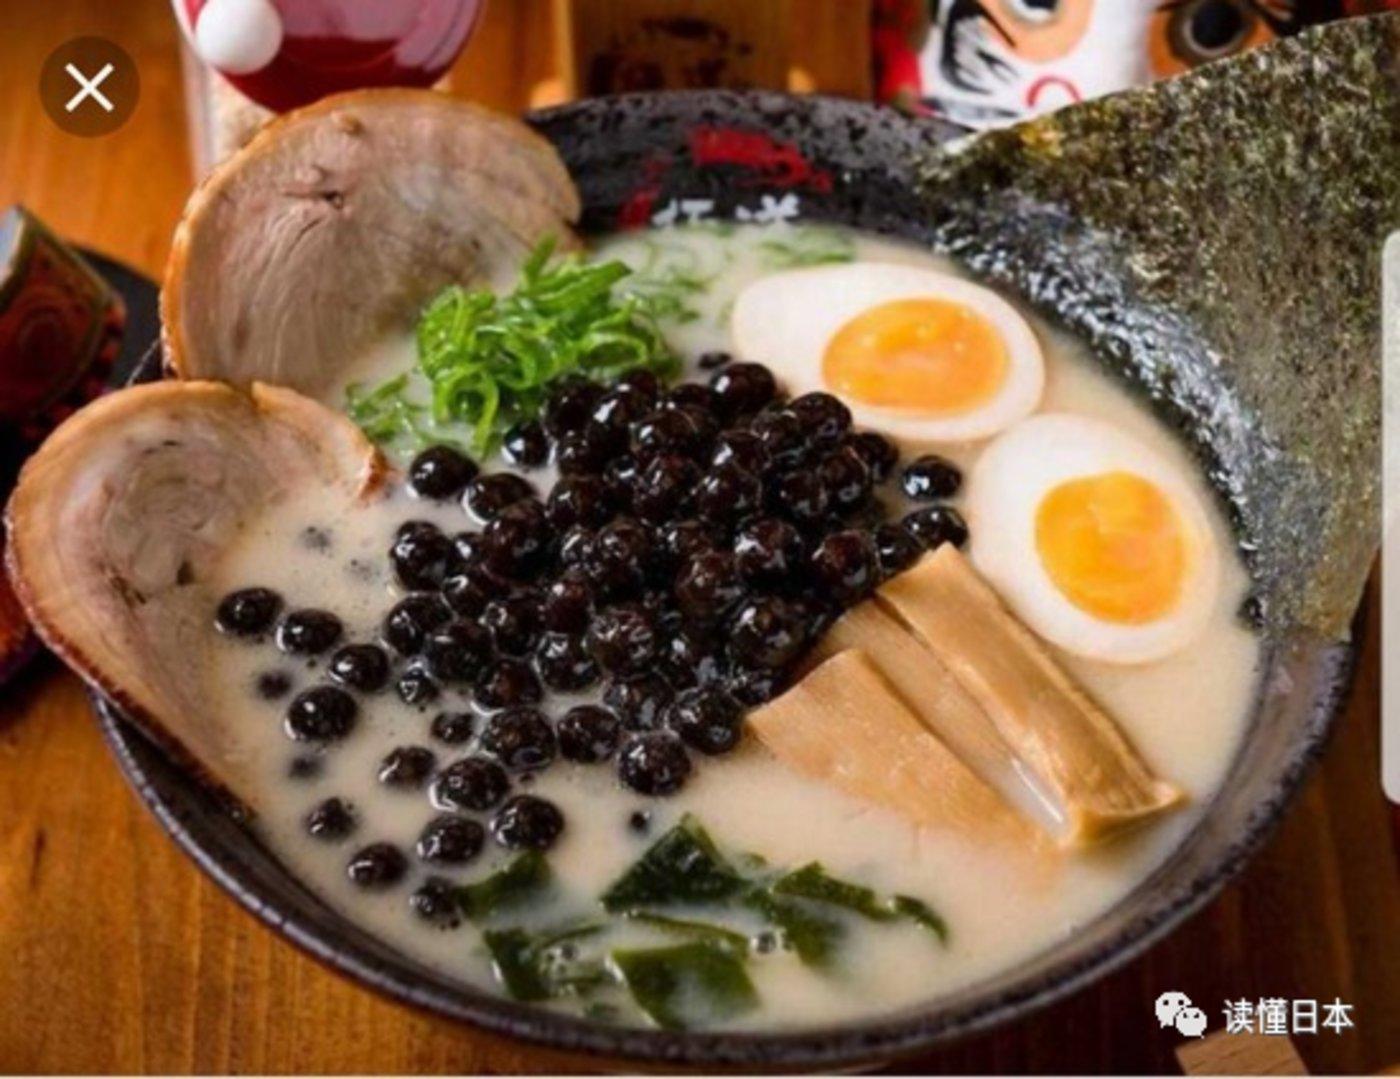 图 珍珠奶茶拉面(图源:http://taiwanwind.jp/)